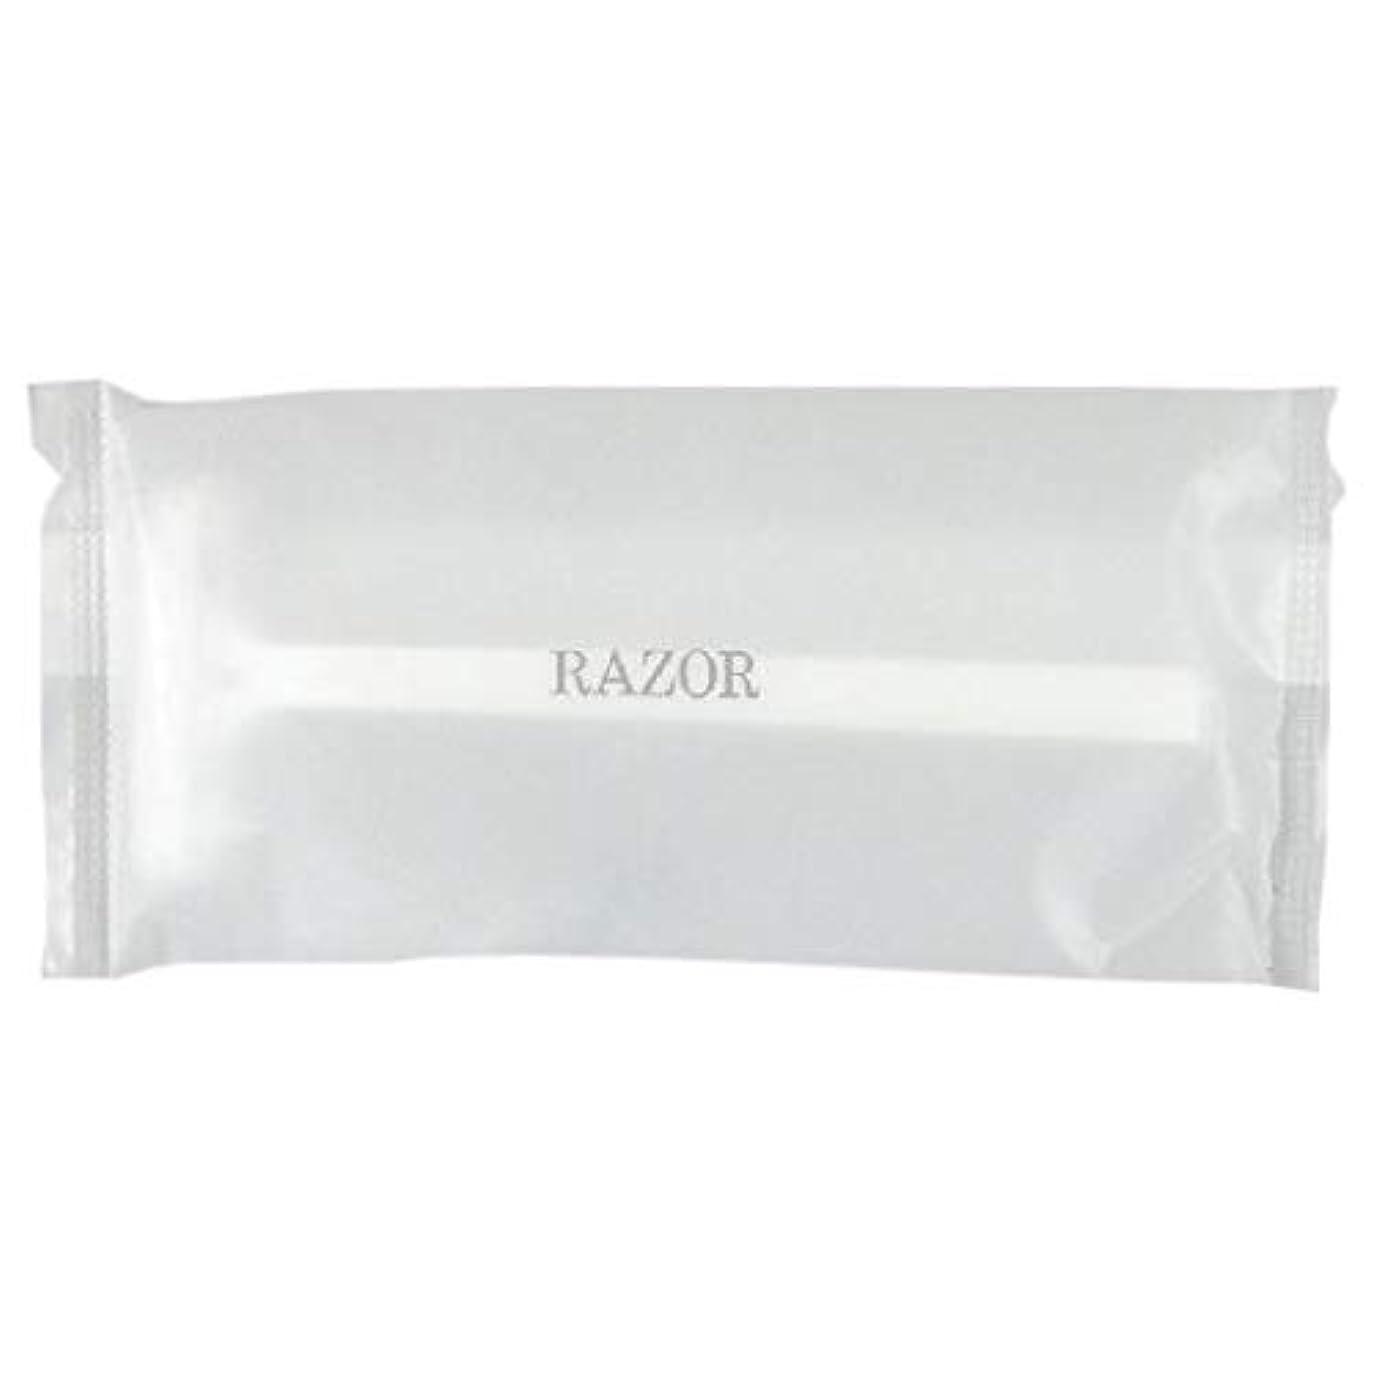 適用するコンプリート厚さカミソリ2枚刃 フェザーシティエース-4 マットOPP袋 50入